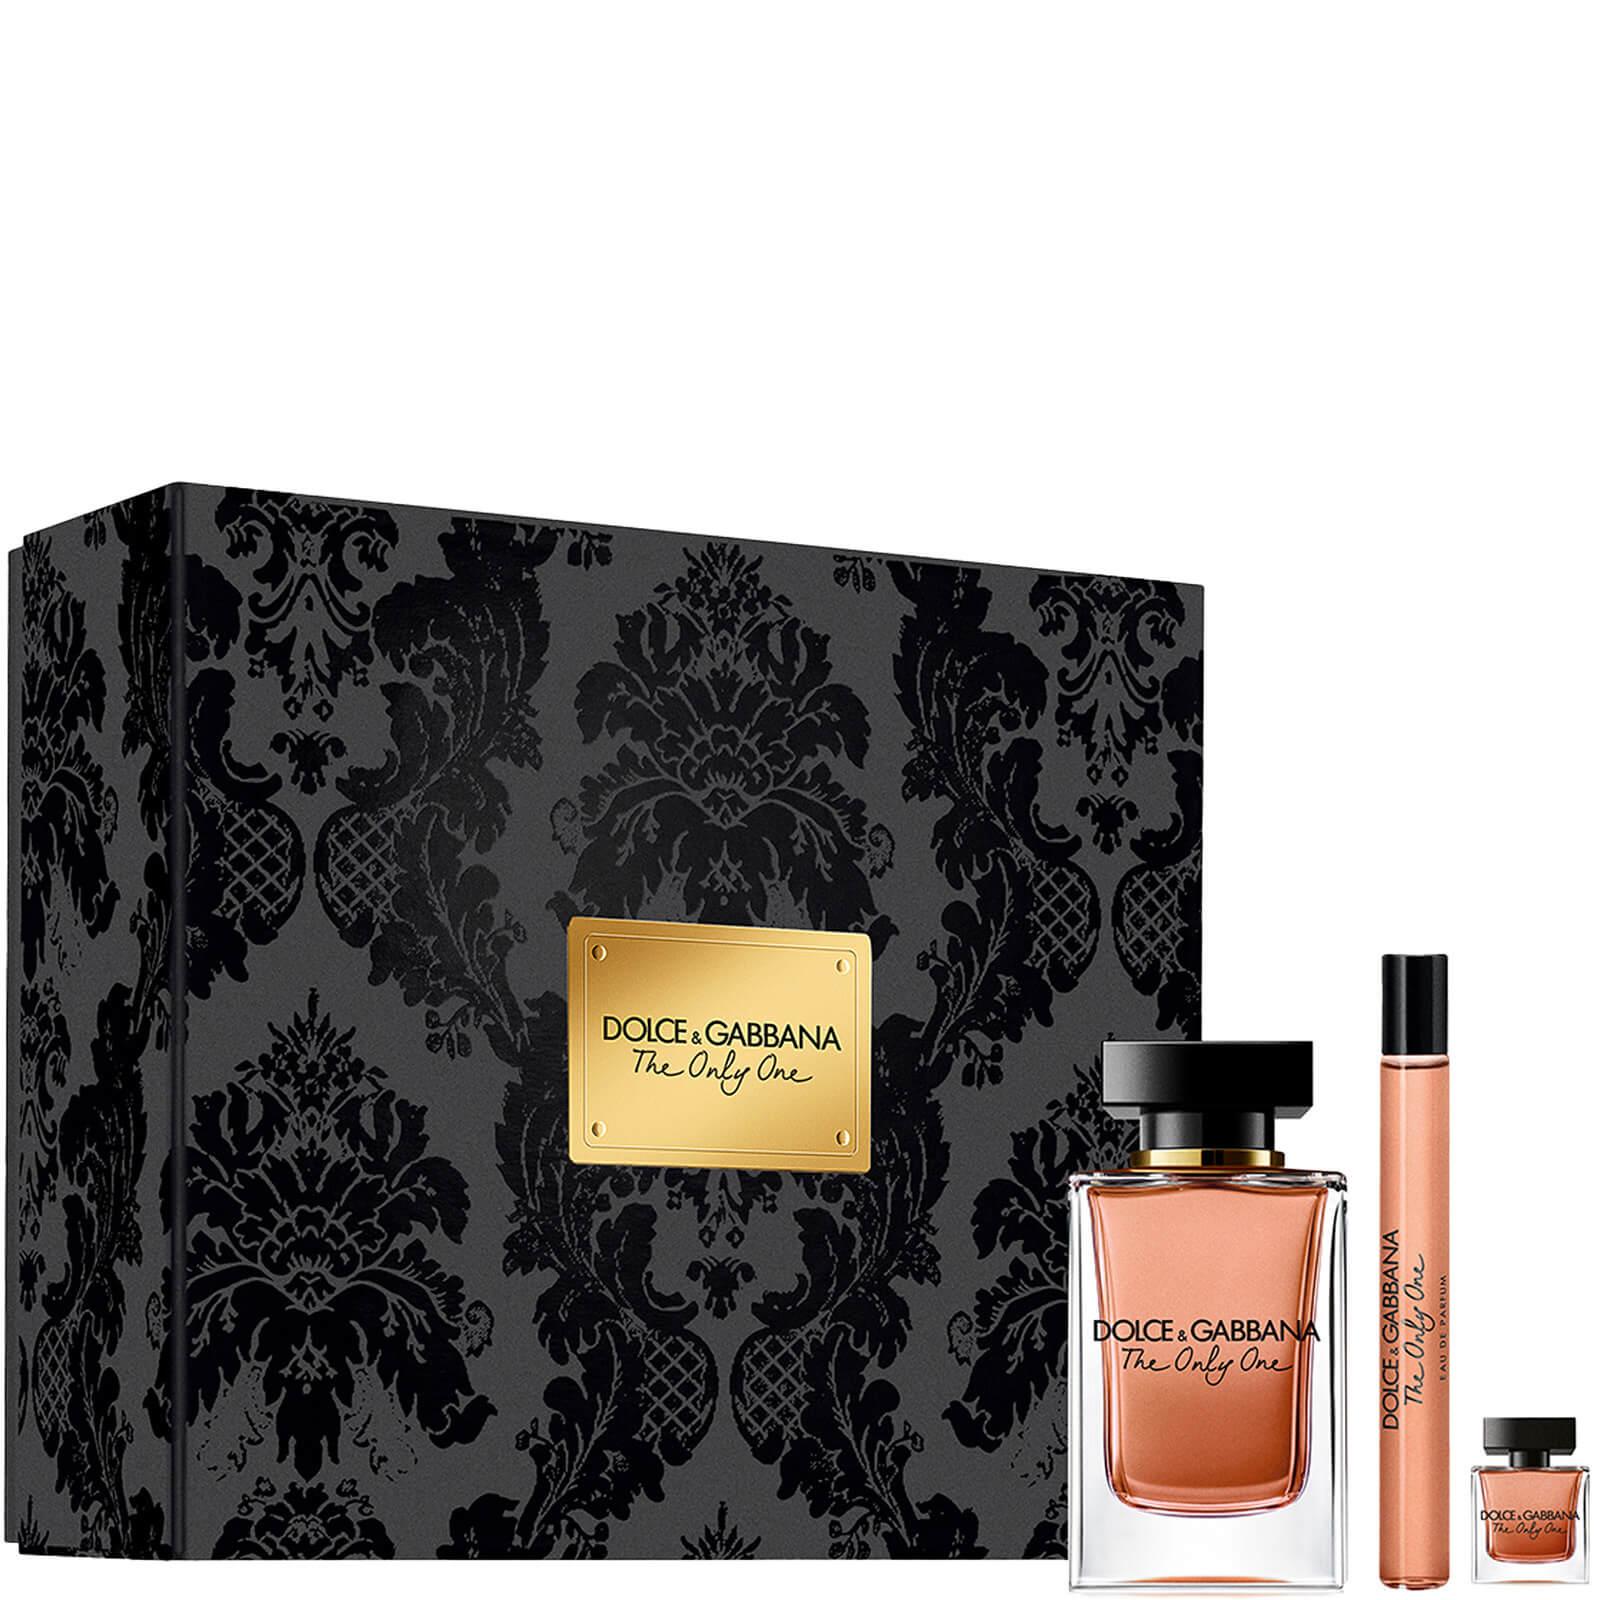 Dolce&Gabbana The Only One Eau de Parfum Travel Set